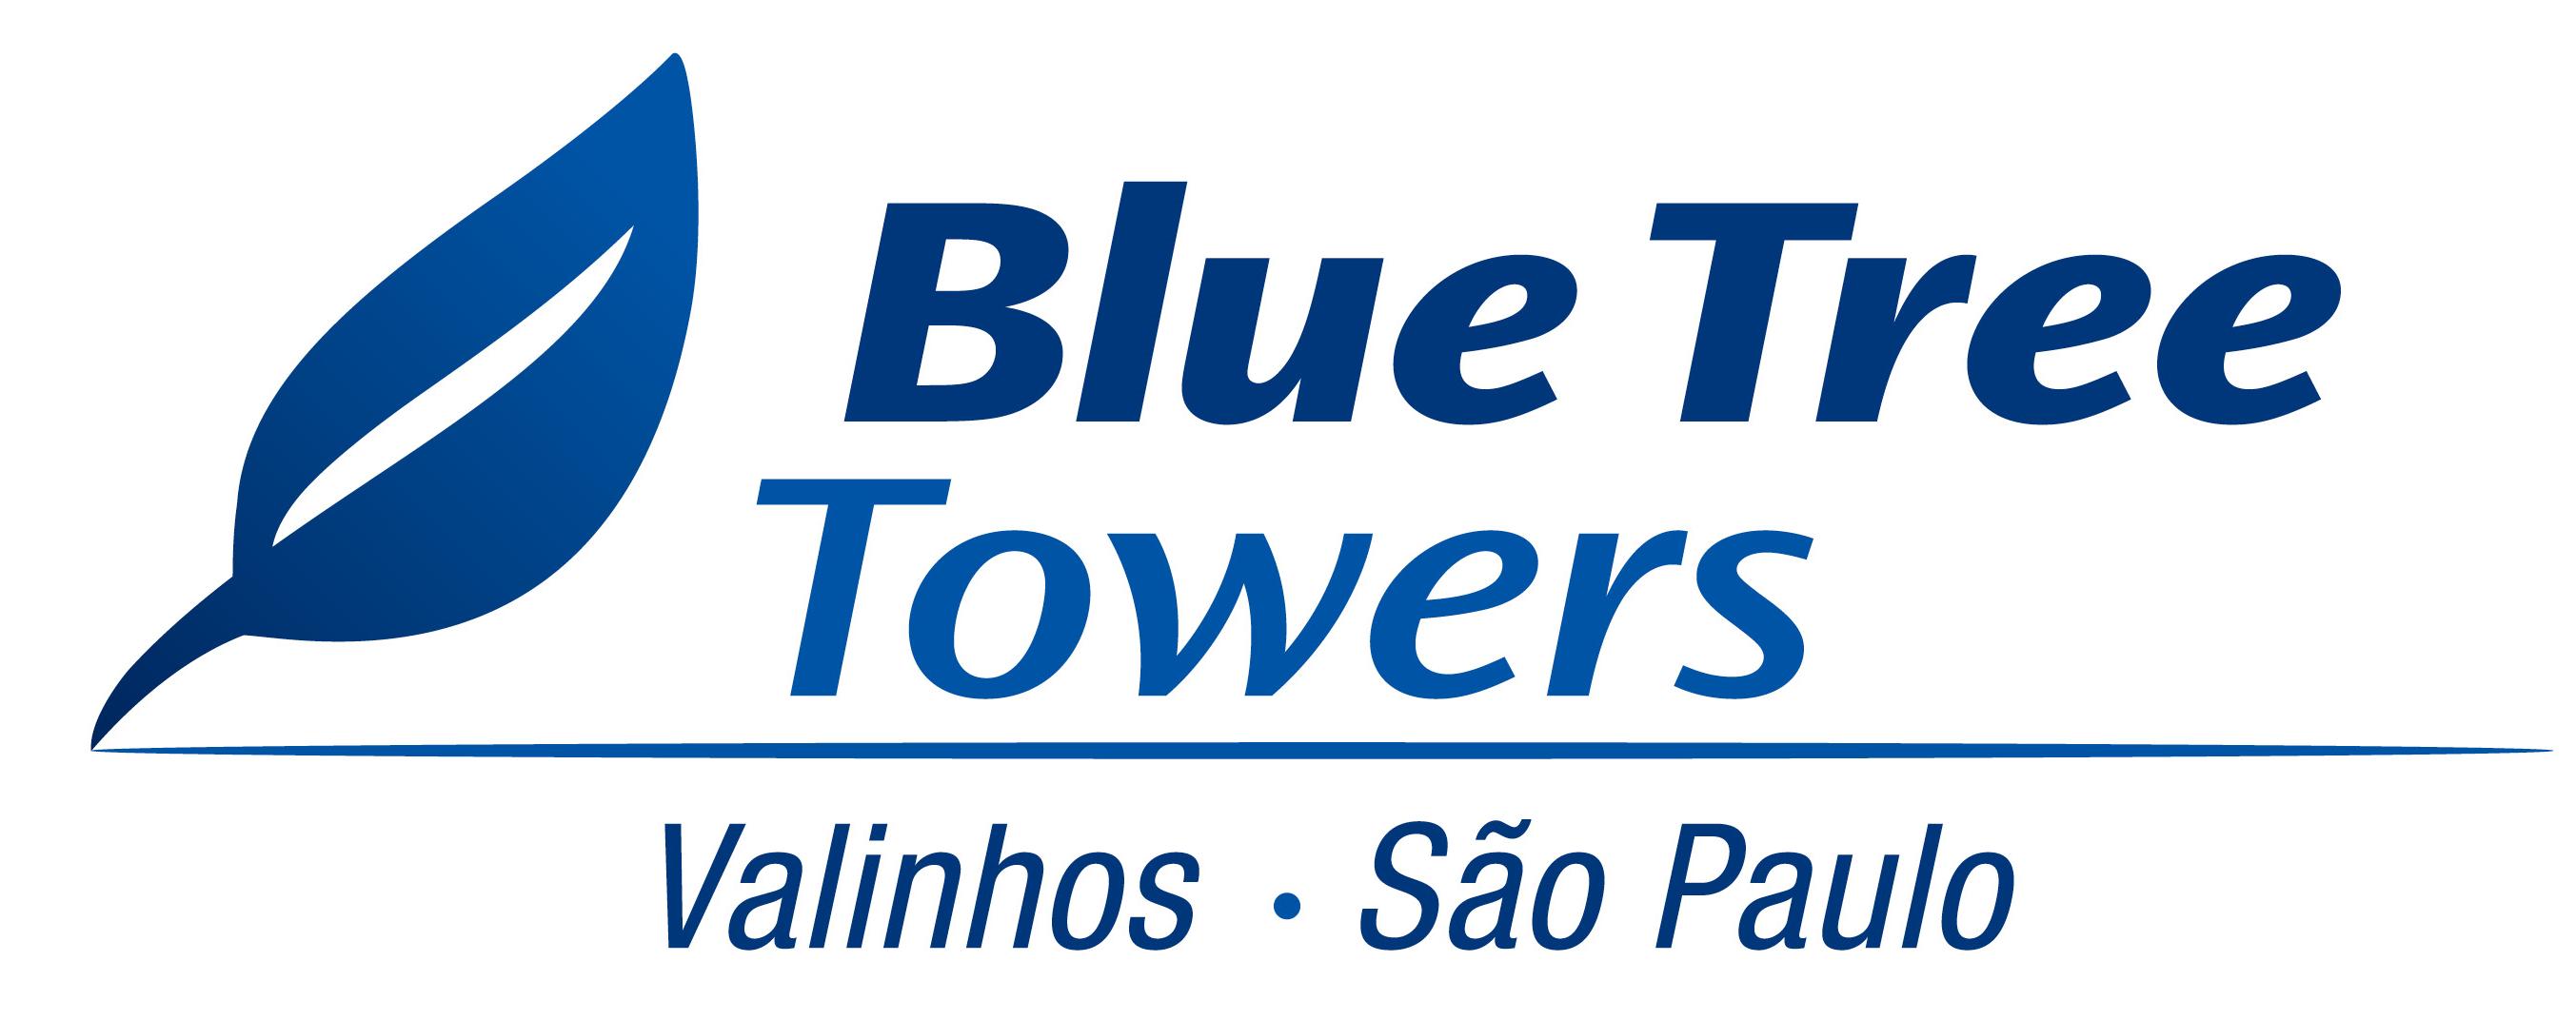 BTT.Valinhos_Criacao.Logo_1.png